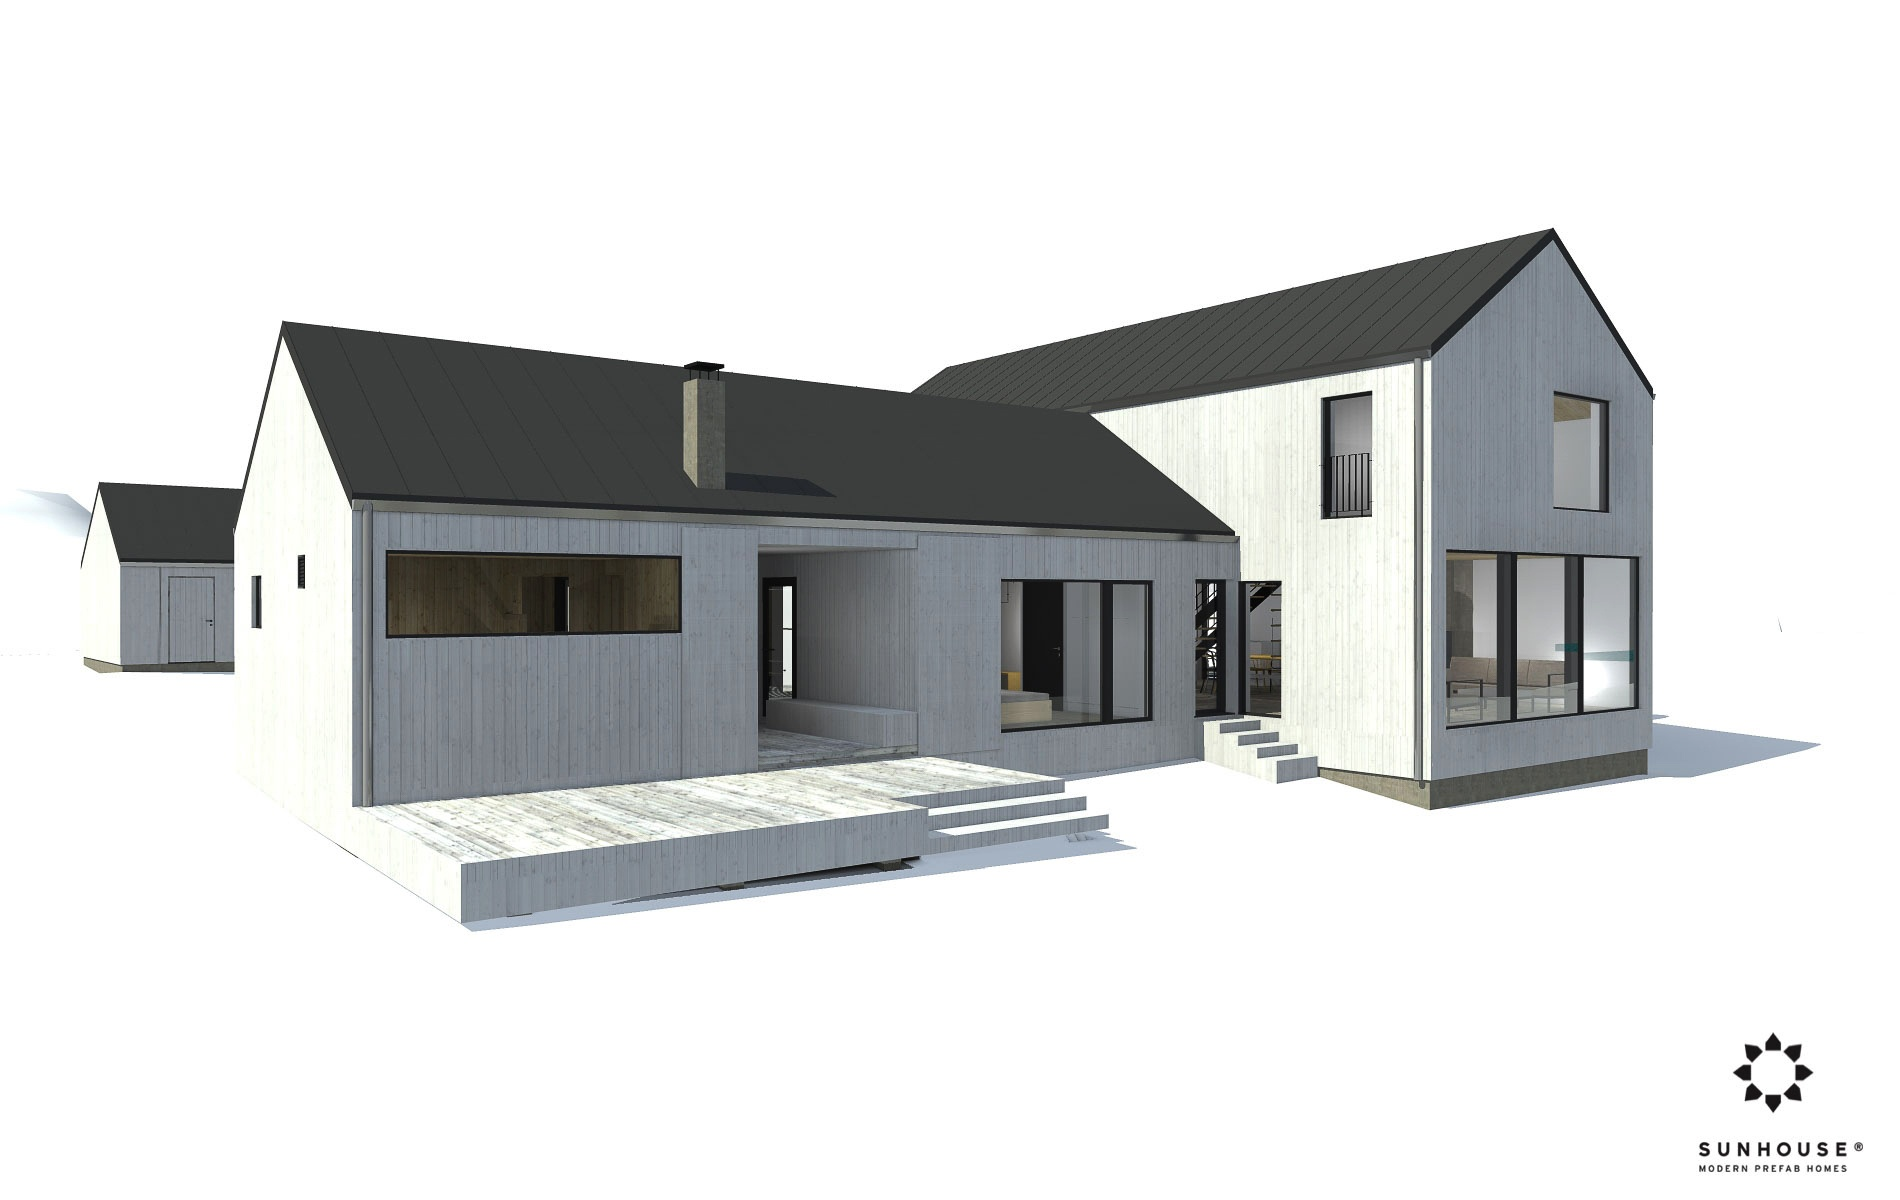 Arkkitehdin suunniettelema koti S1706 (2)